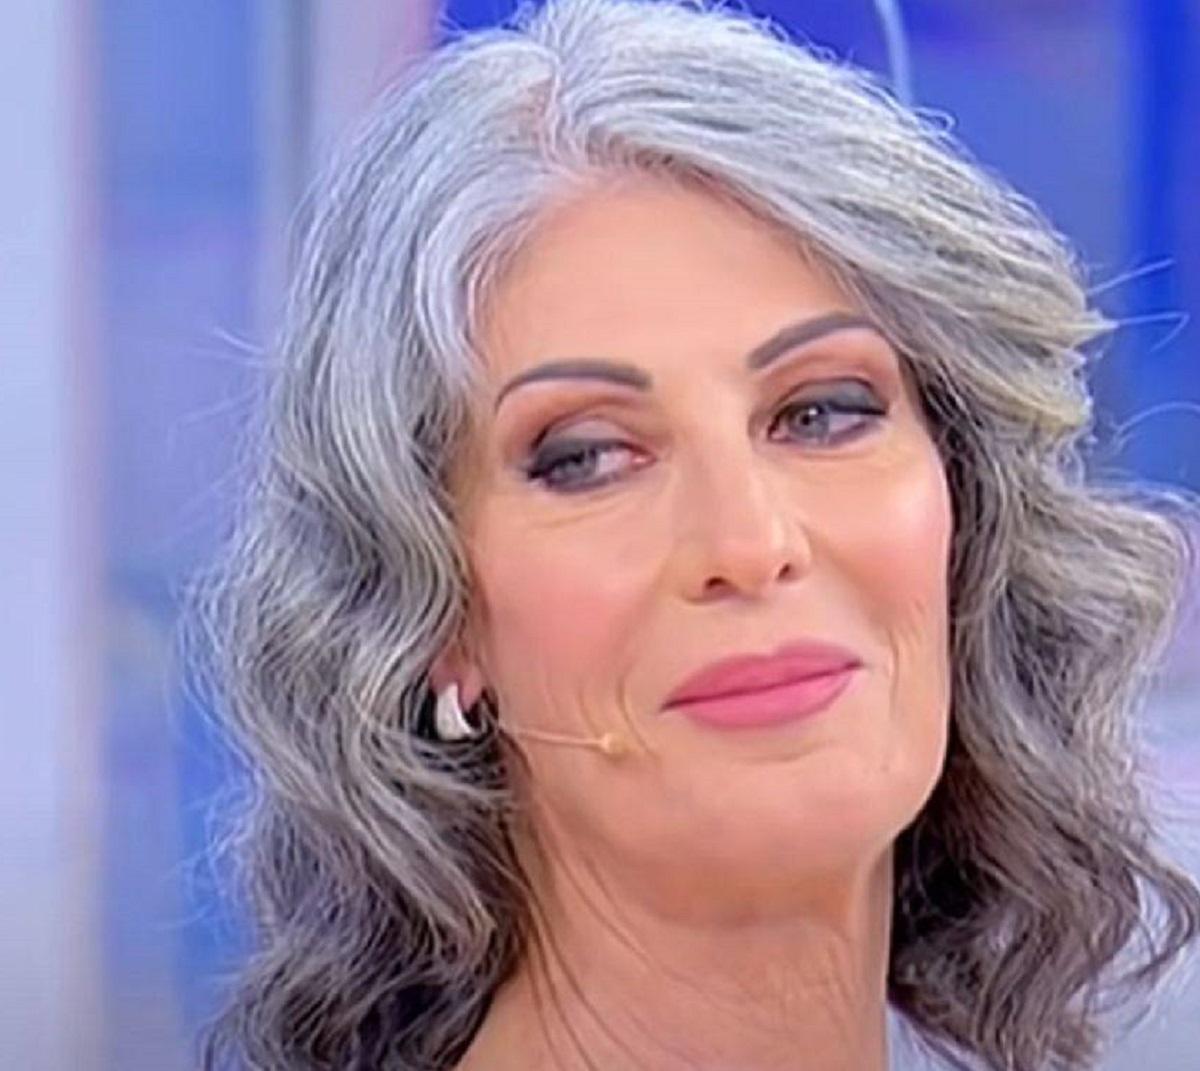 Tina Cipolllari frecciatina Gemma Galgani Uomini e Donne